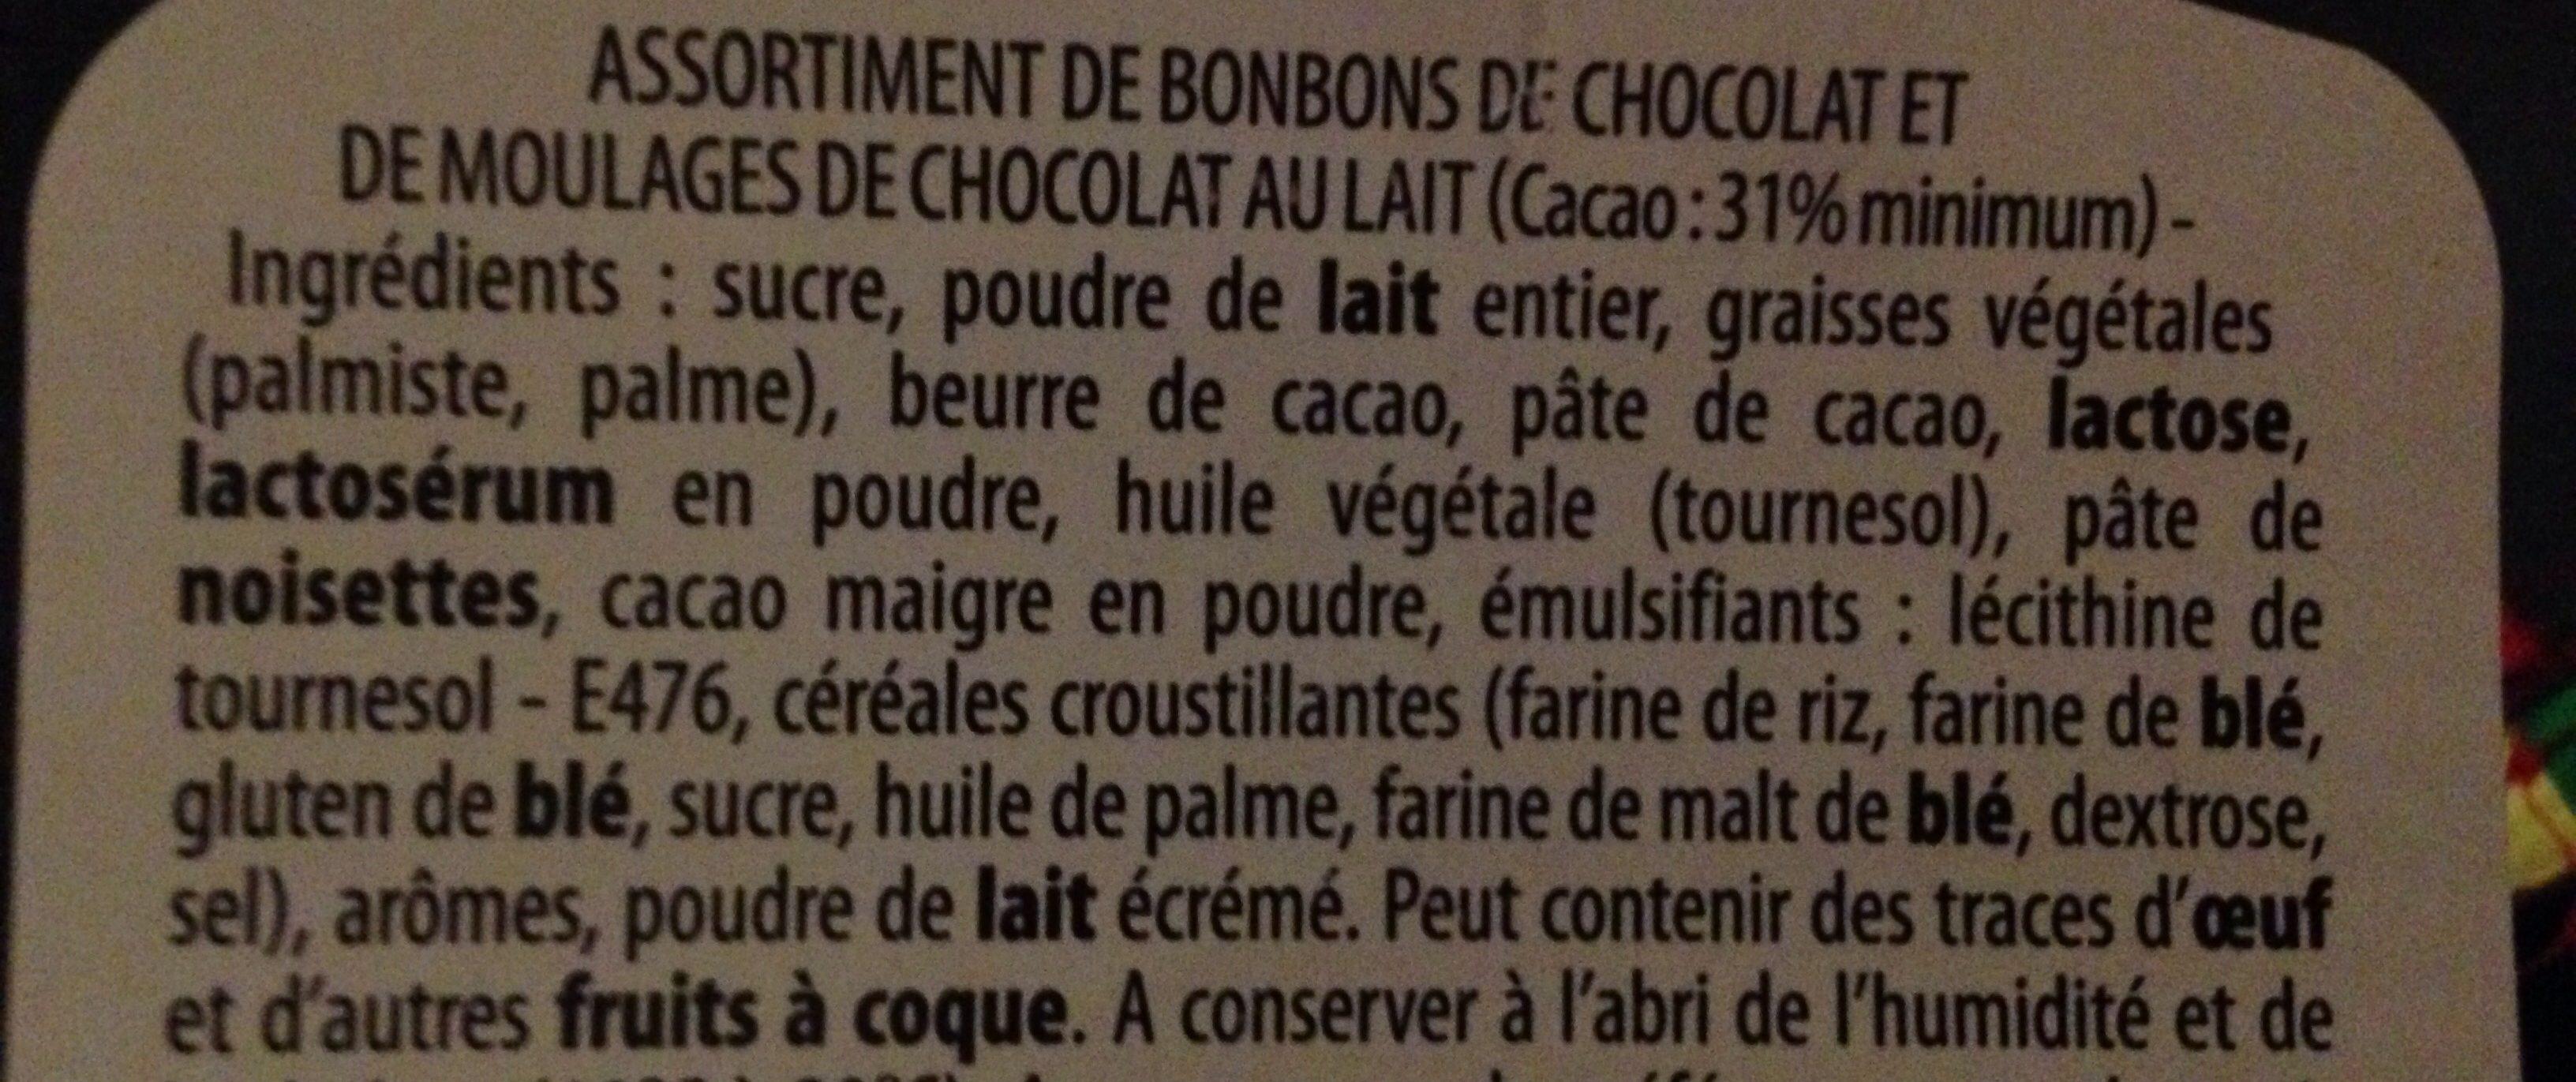 Bonbons de chocolat et moulages chocolat au lait - Ingredients - fr